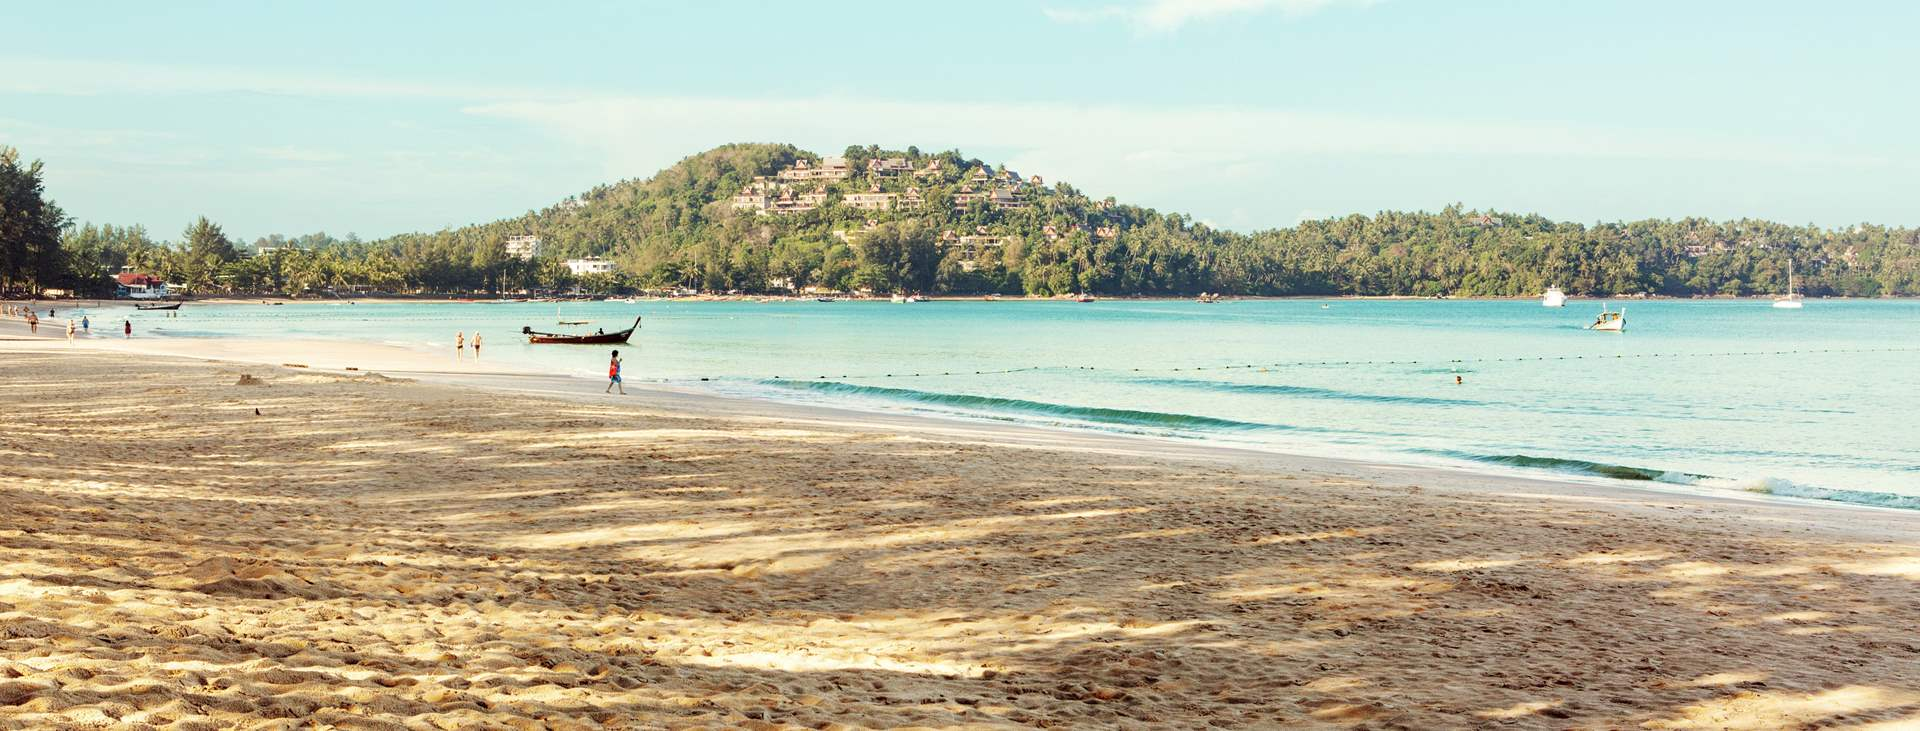 Bestill en reise til barnevennlige Bangtao Beach i Thailand